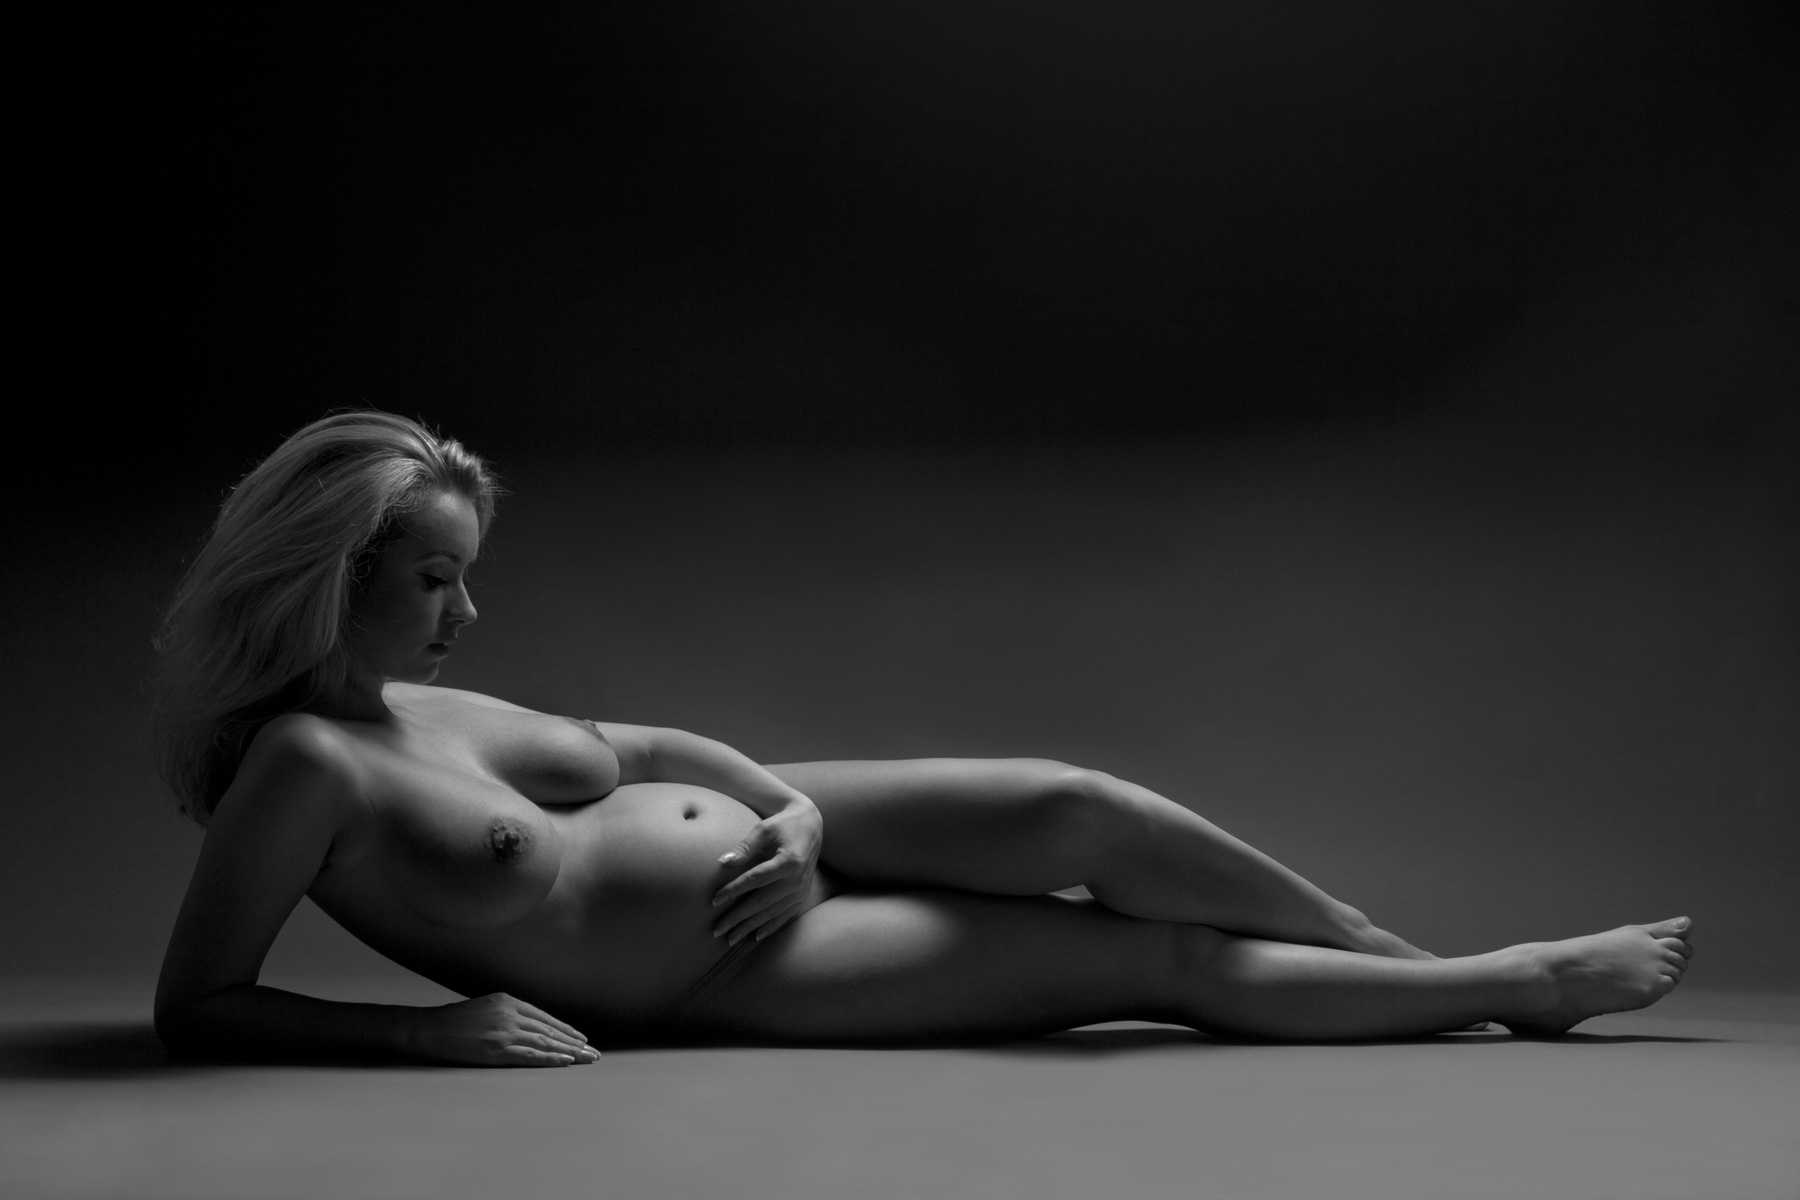 Секси фото беременных, Голые беременные девушки (38 фото) 11 фотография